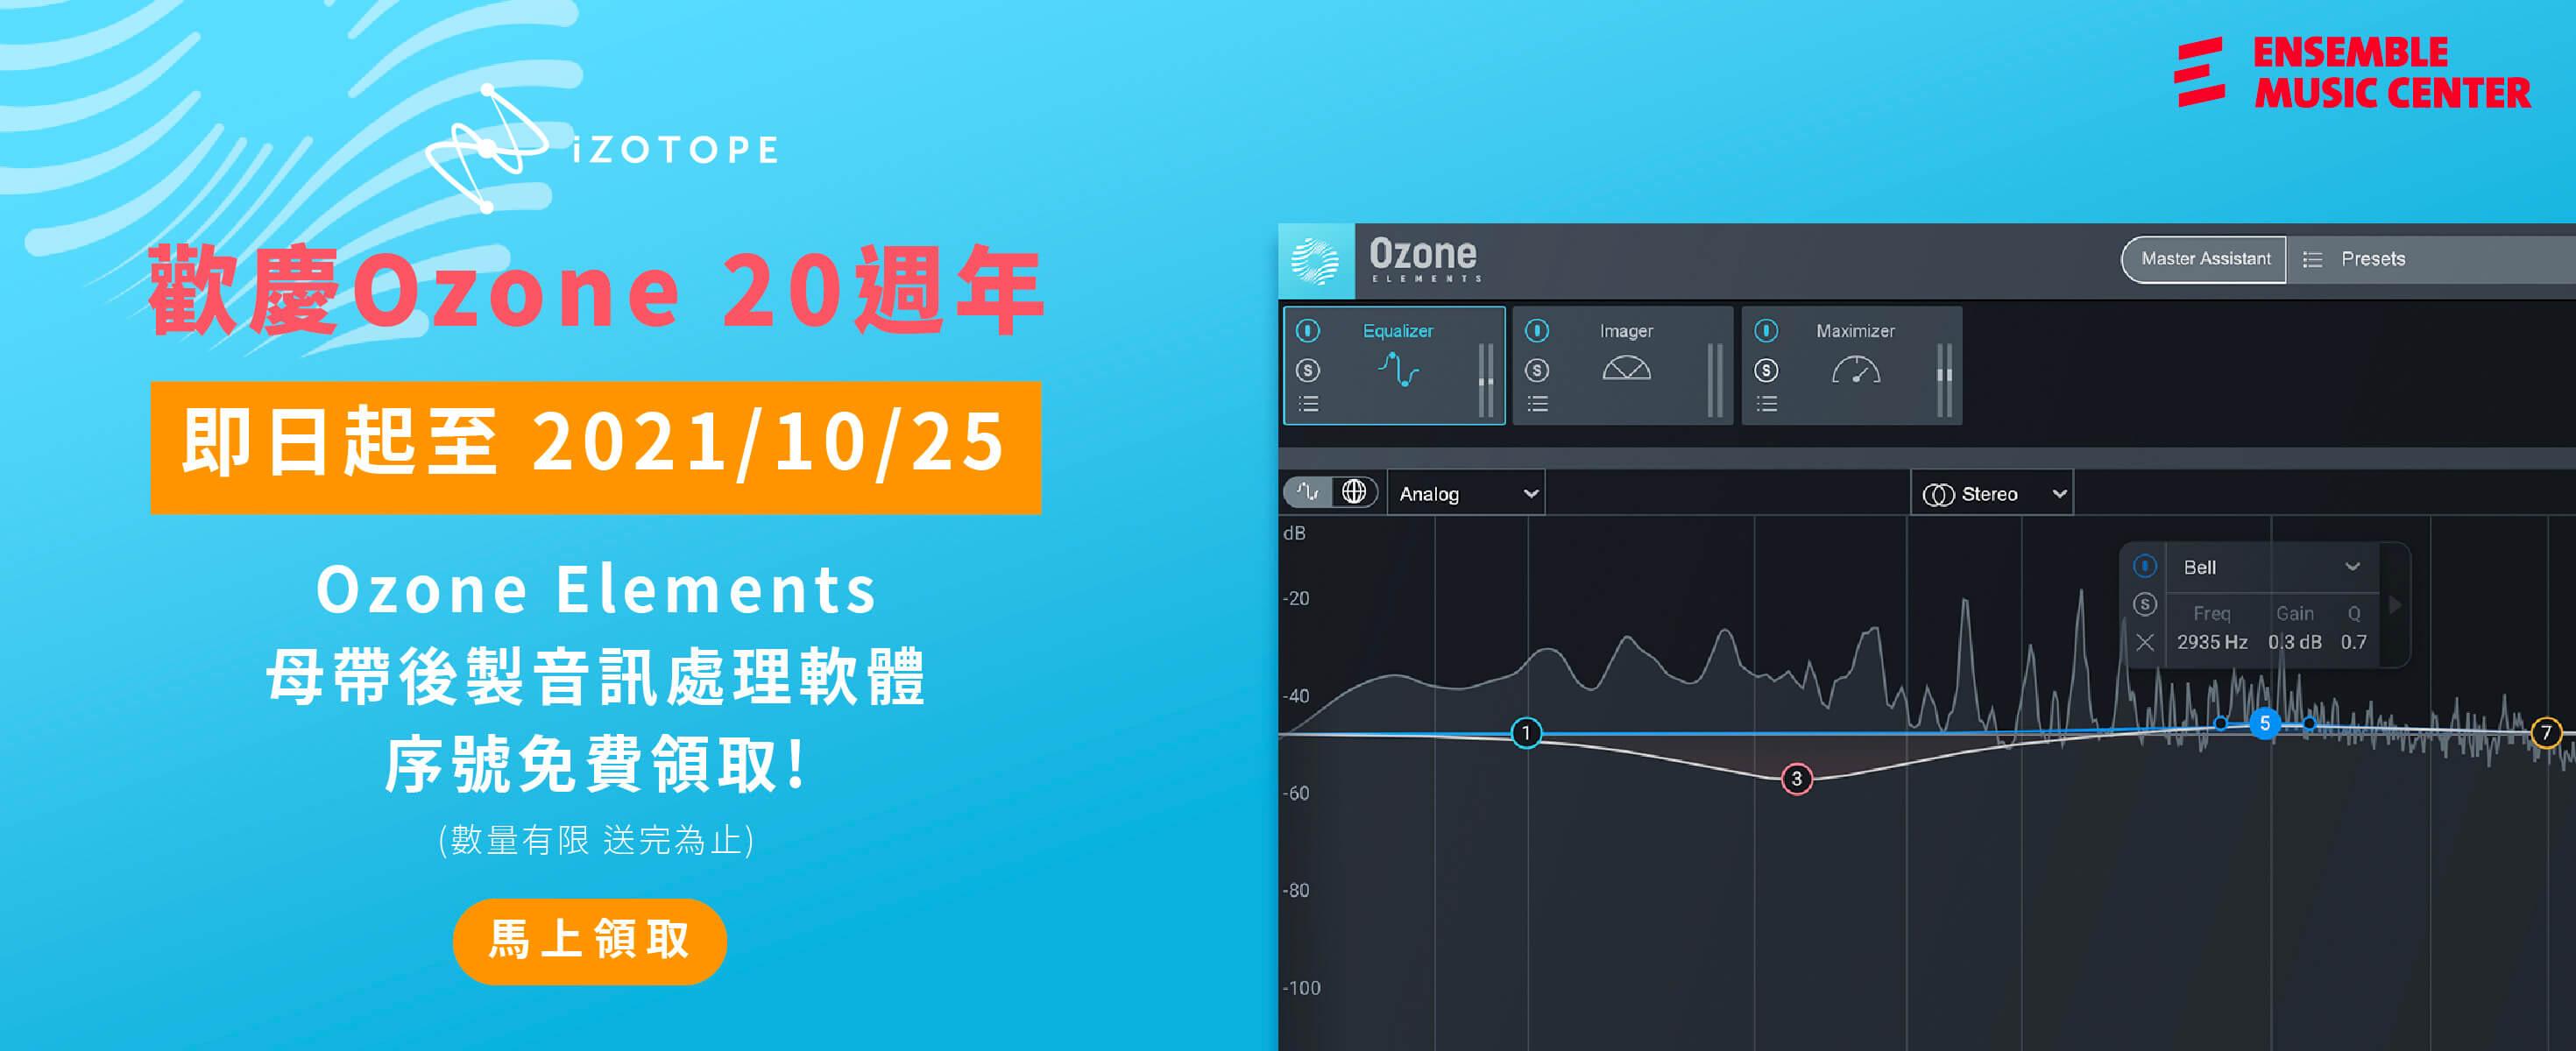 iZotope-Ozone送序號